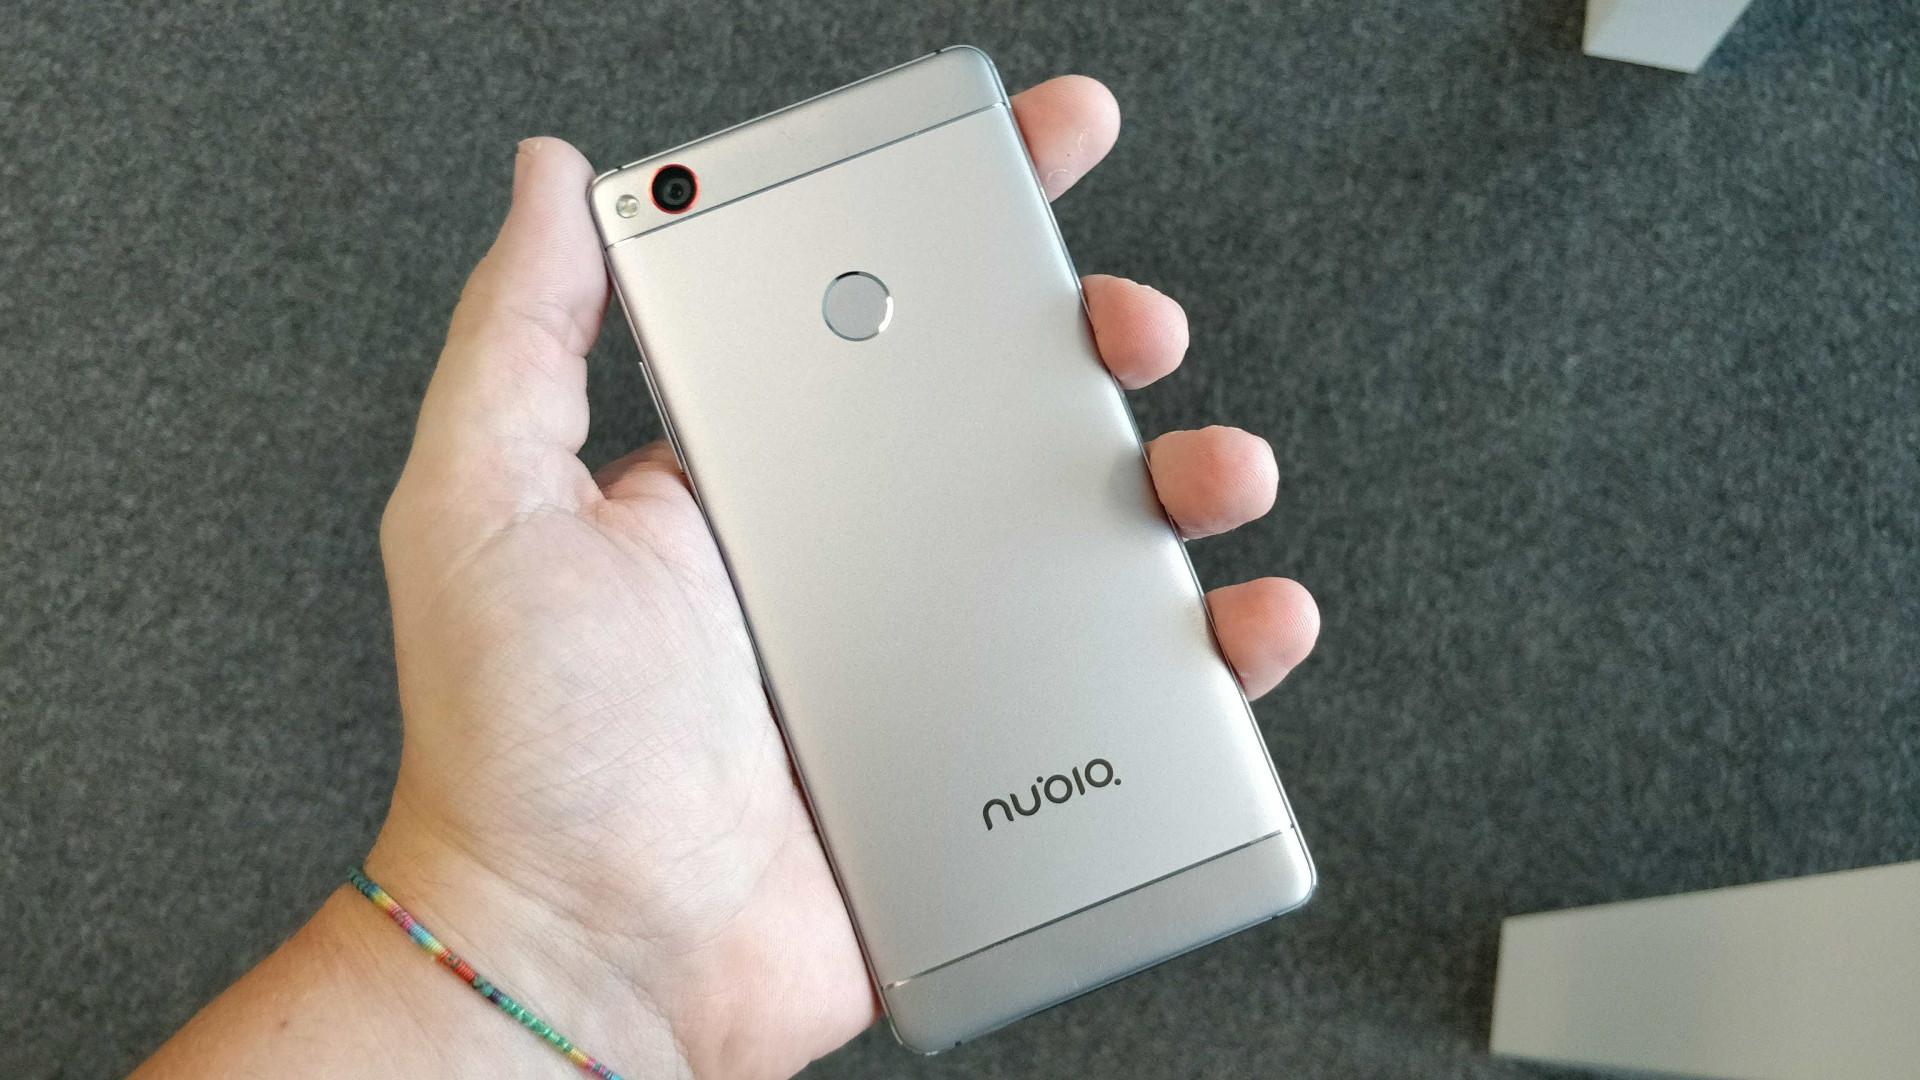 Tirámos da caixa um dos smartphones Android mais prometedores